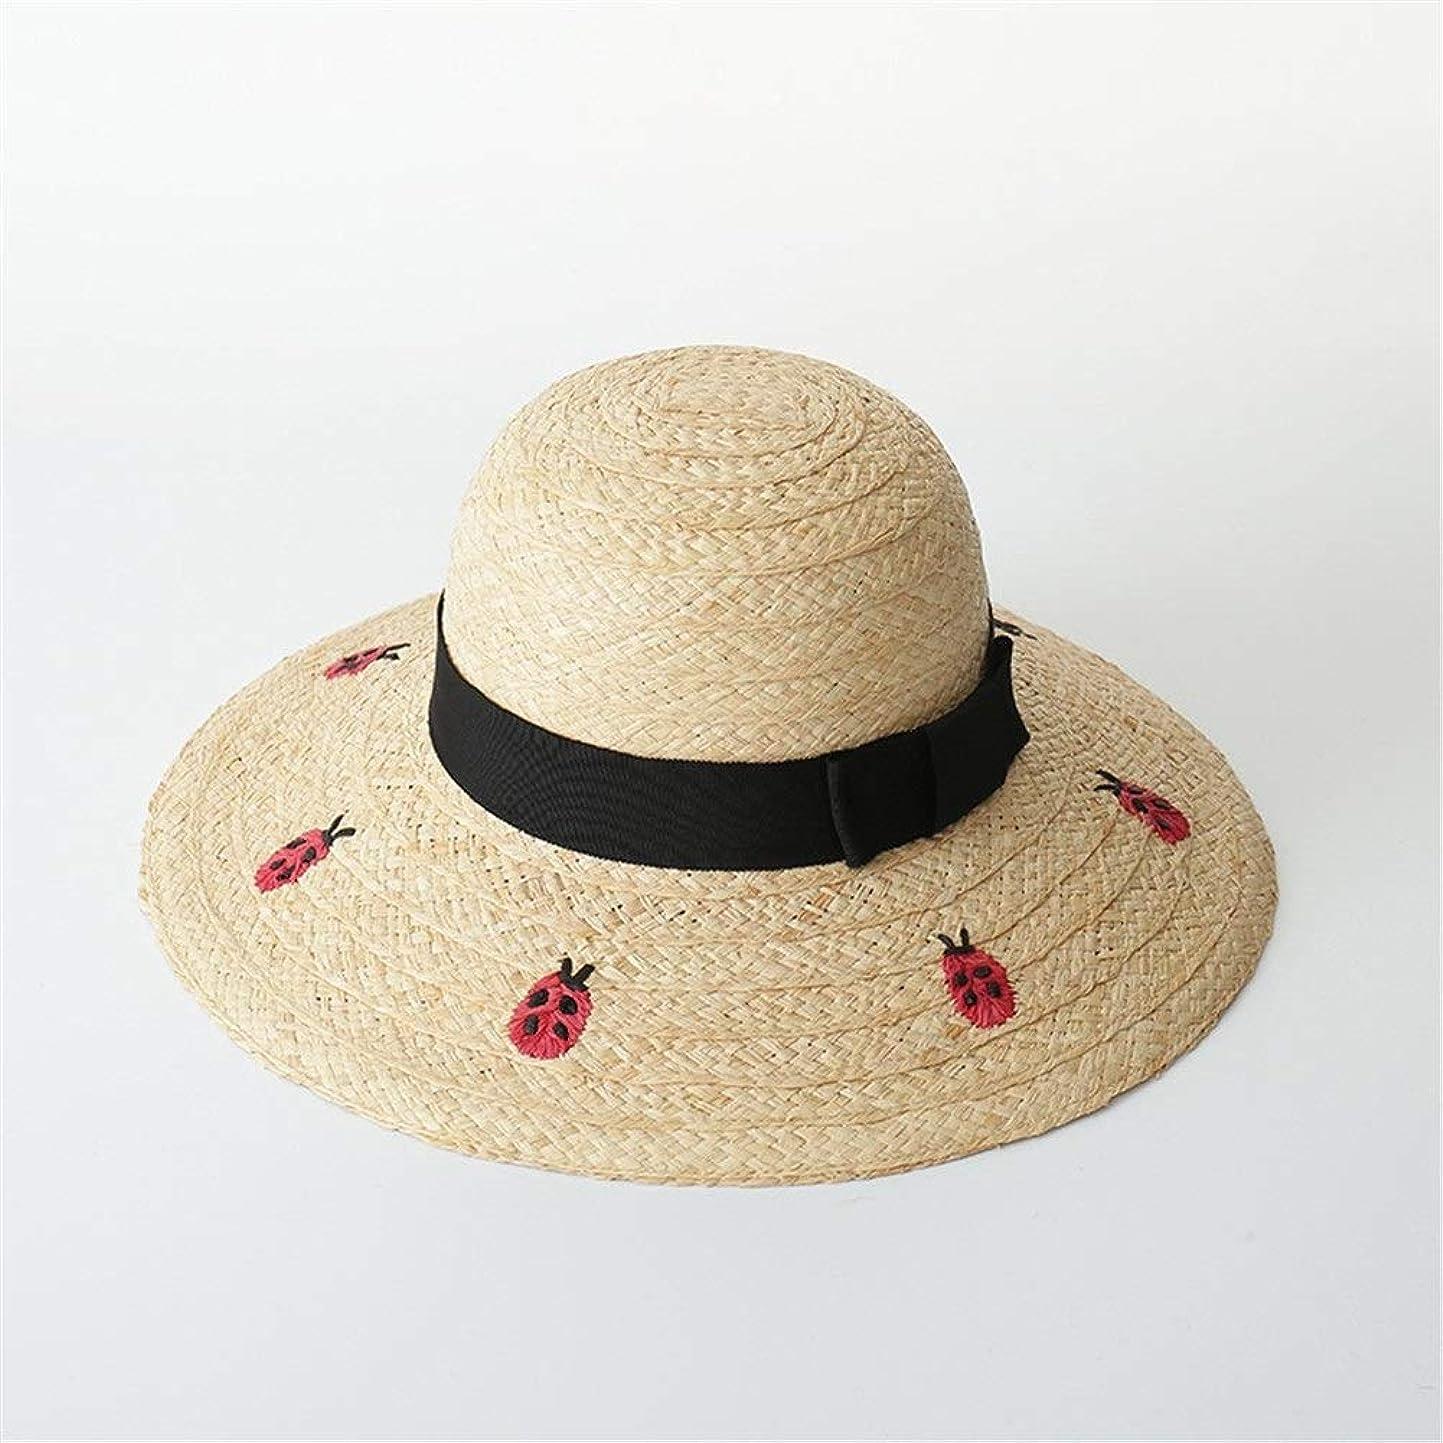 正確なフラグラント嫌悪手刺繍てんとう虫手紙ラフィット大きな帽子手作り刺繍弓ビーチ日焼け止め麦わら帽子